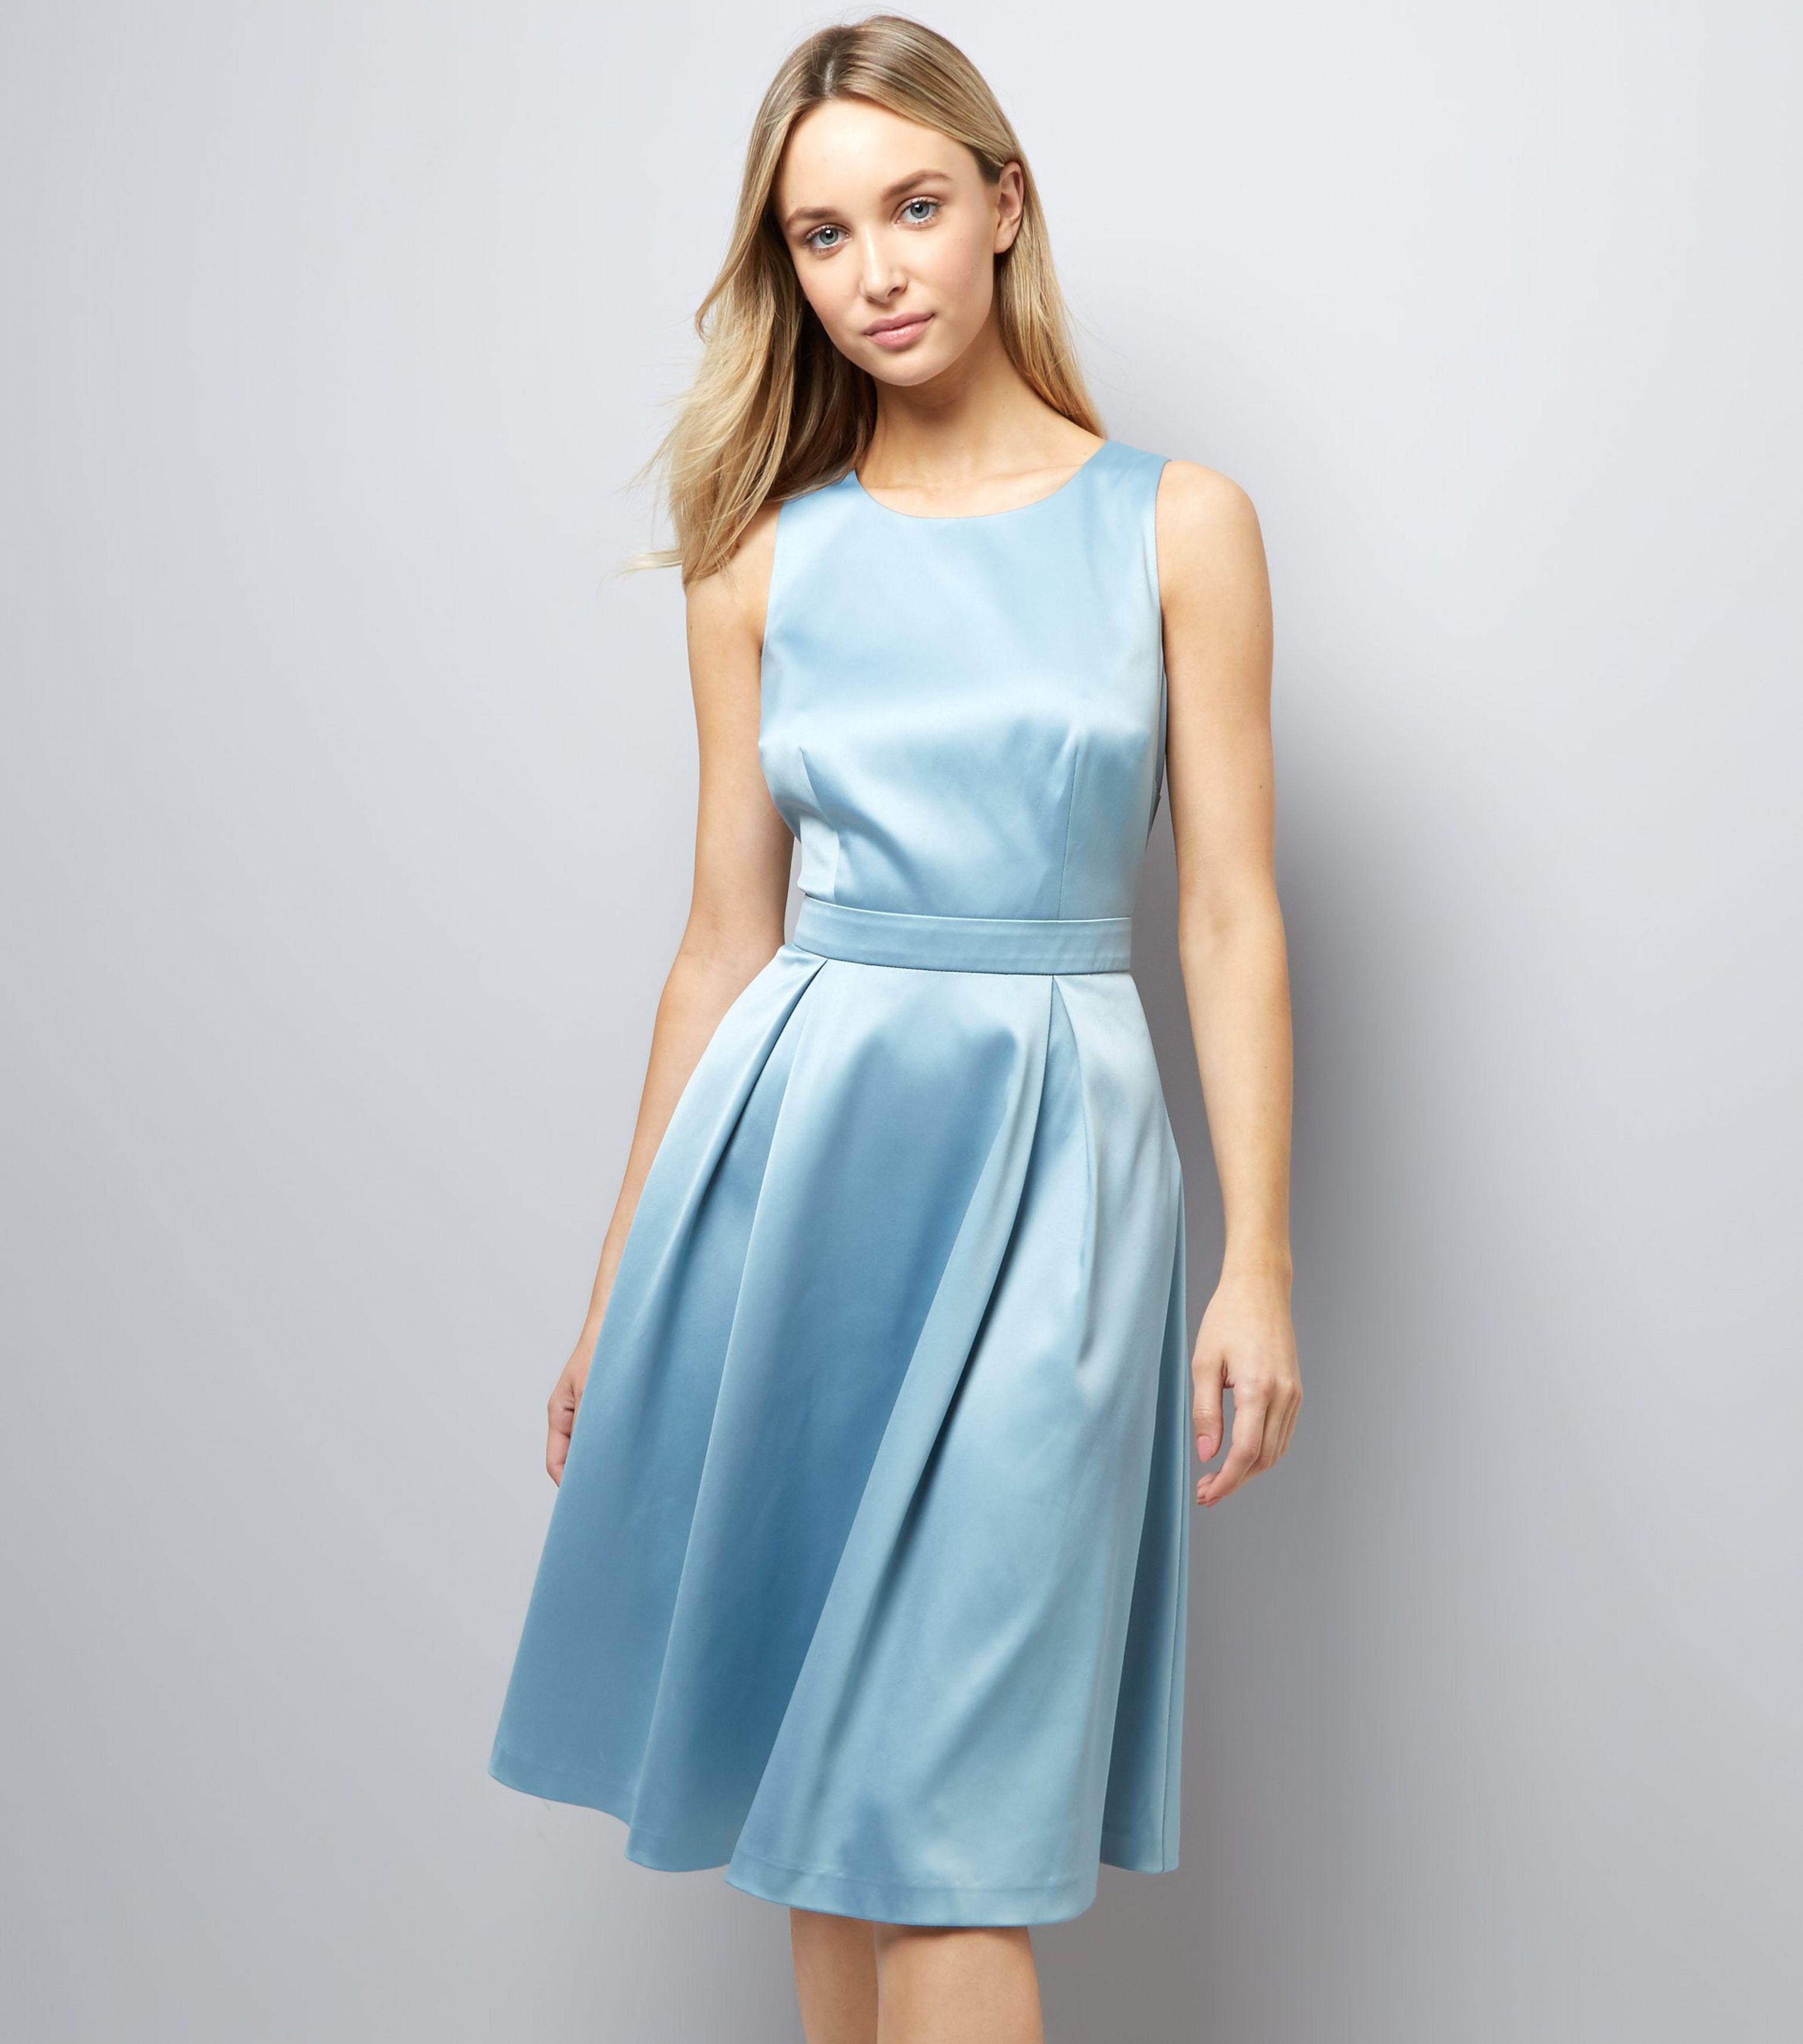 Lyst - New look Bright Blue Sateen Midi Prom Dress in Blue